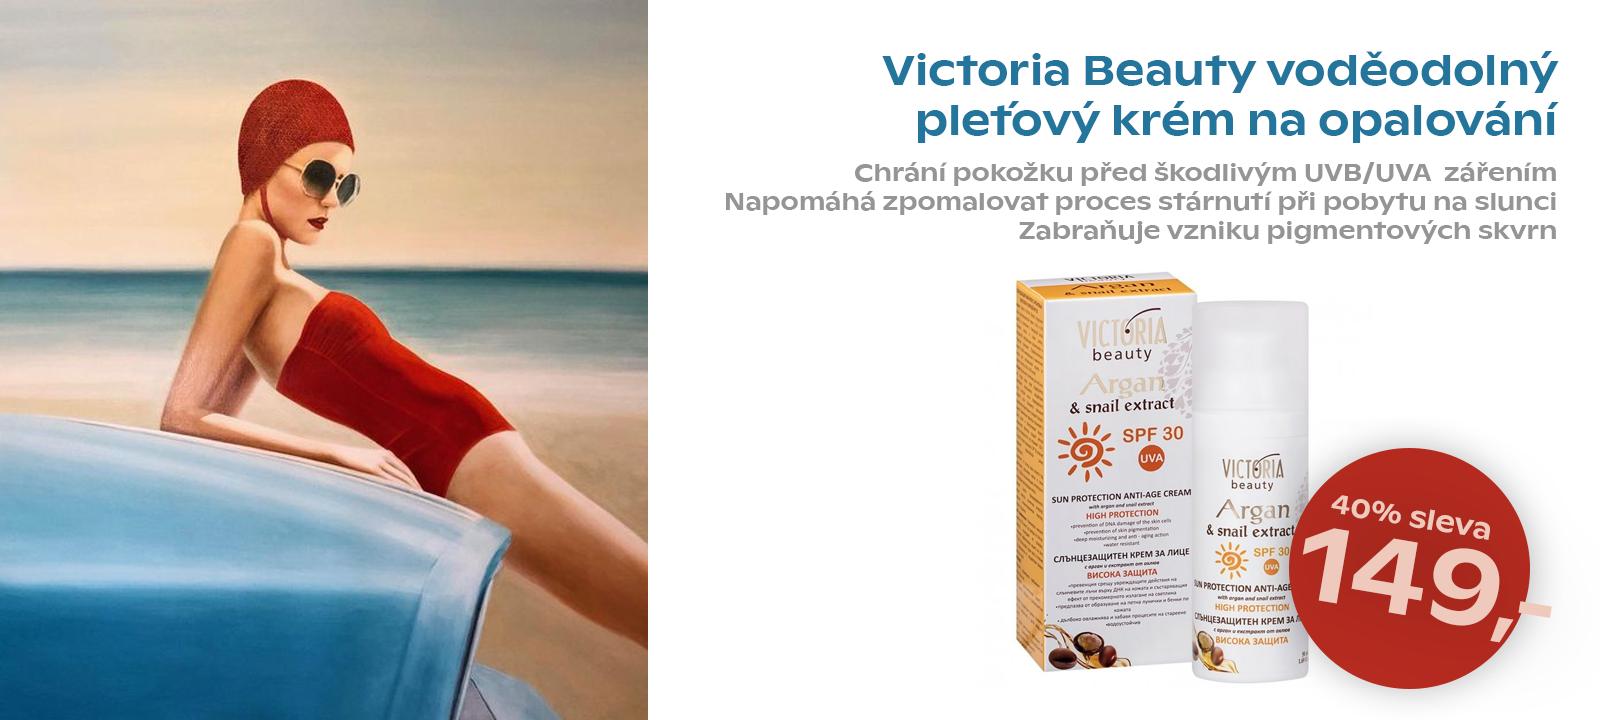 Victoria beauty Argan Ochranný krém SPF30